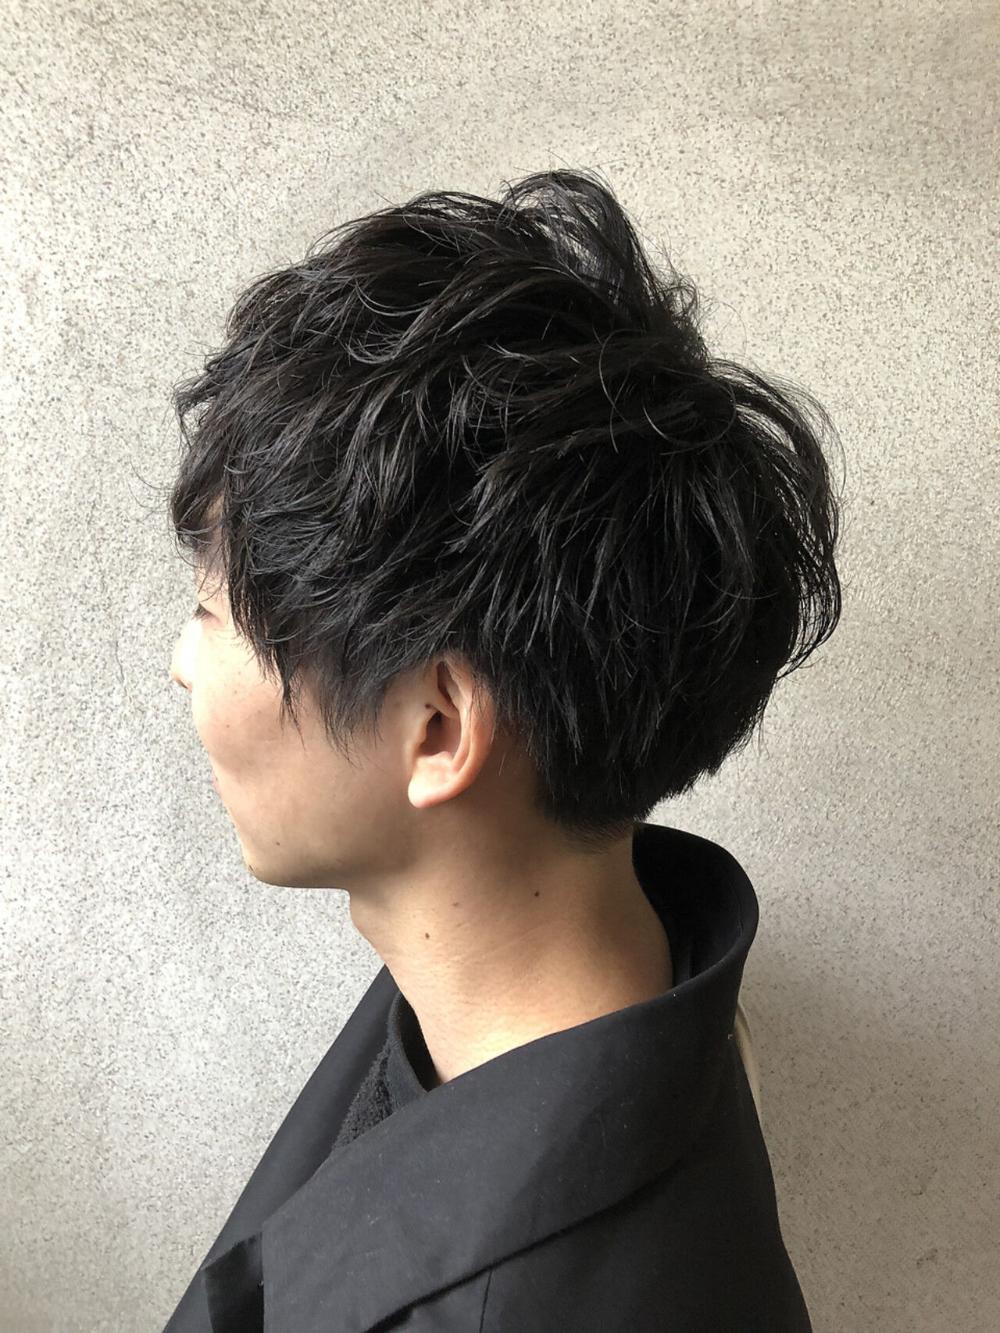 メンズパーマ ショート ストリート 2ブロック Bab By Neolive 鈴木 純 593557 Hair ショート パーマ メンズパーマ ショート メンズパーマ